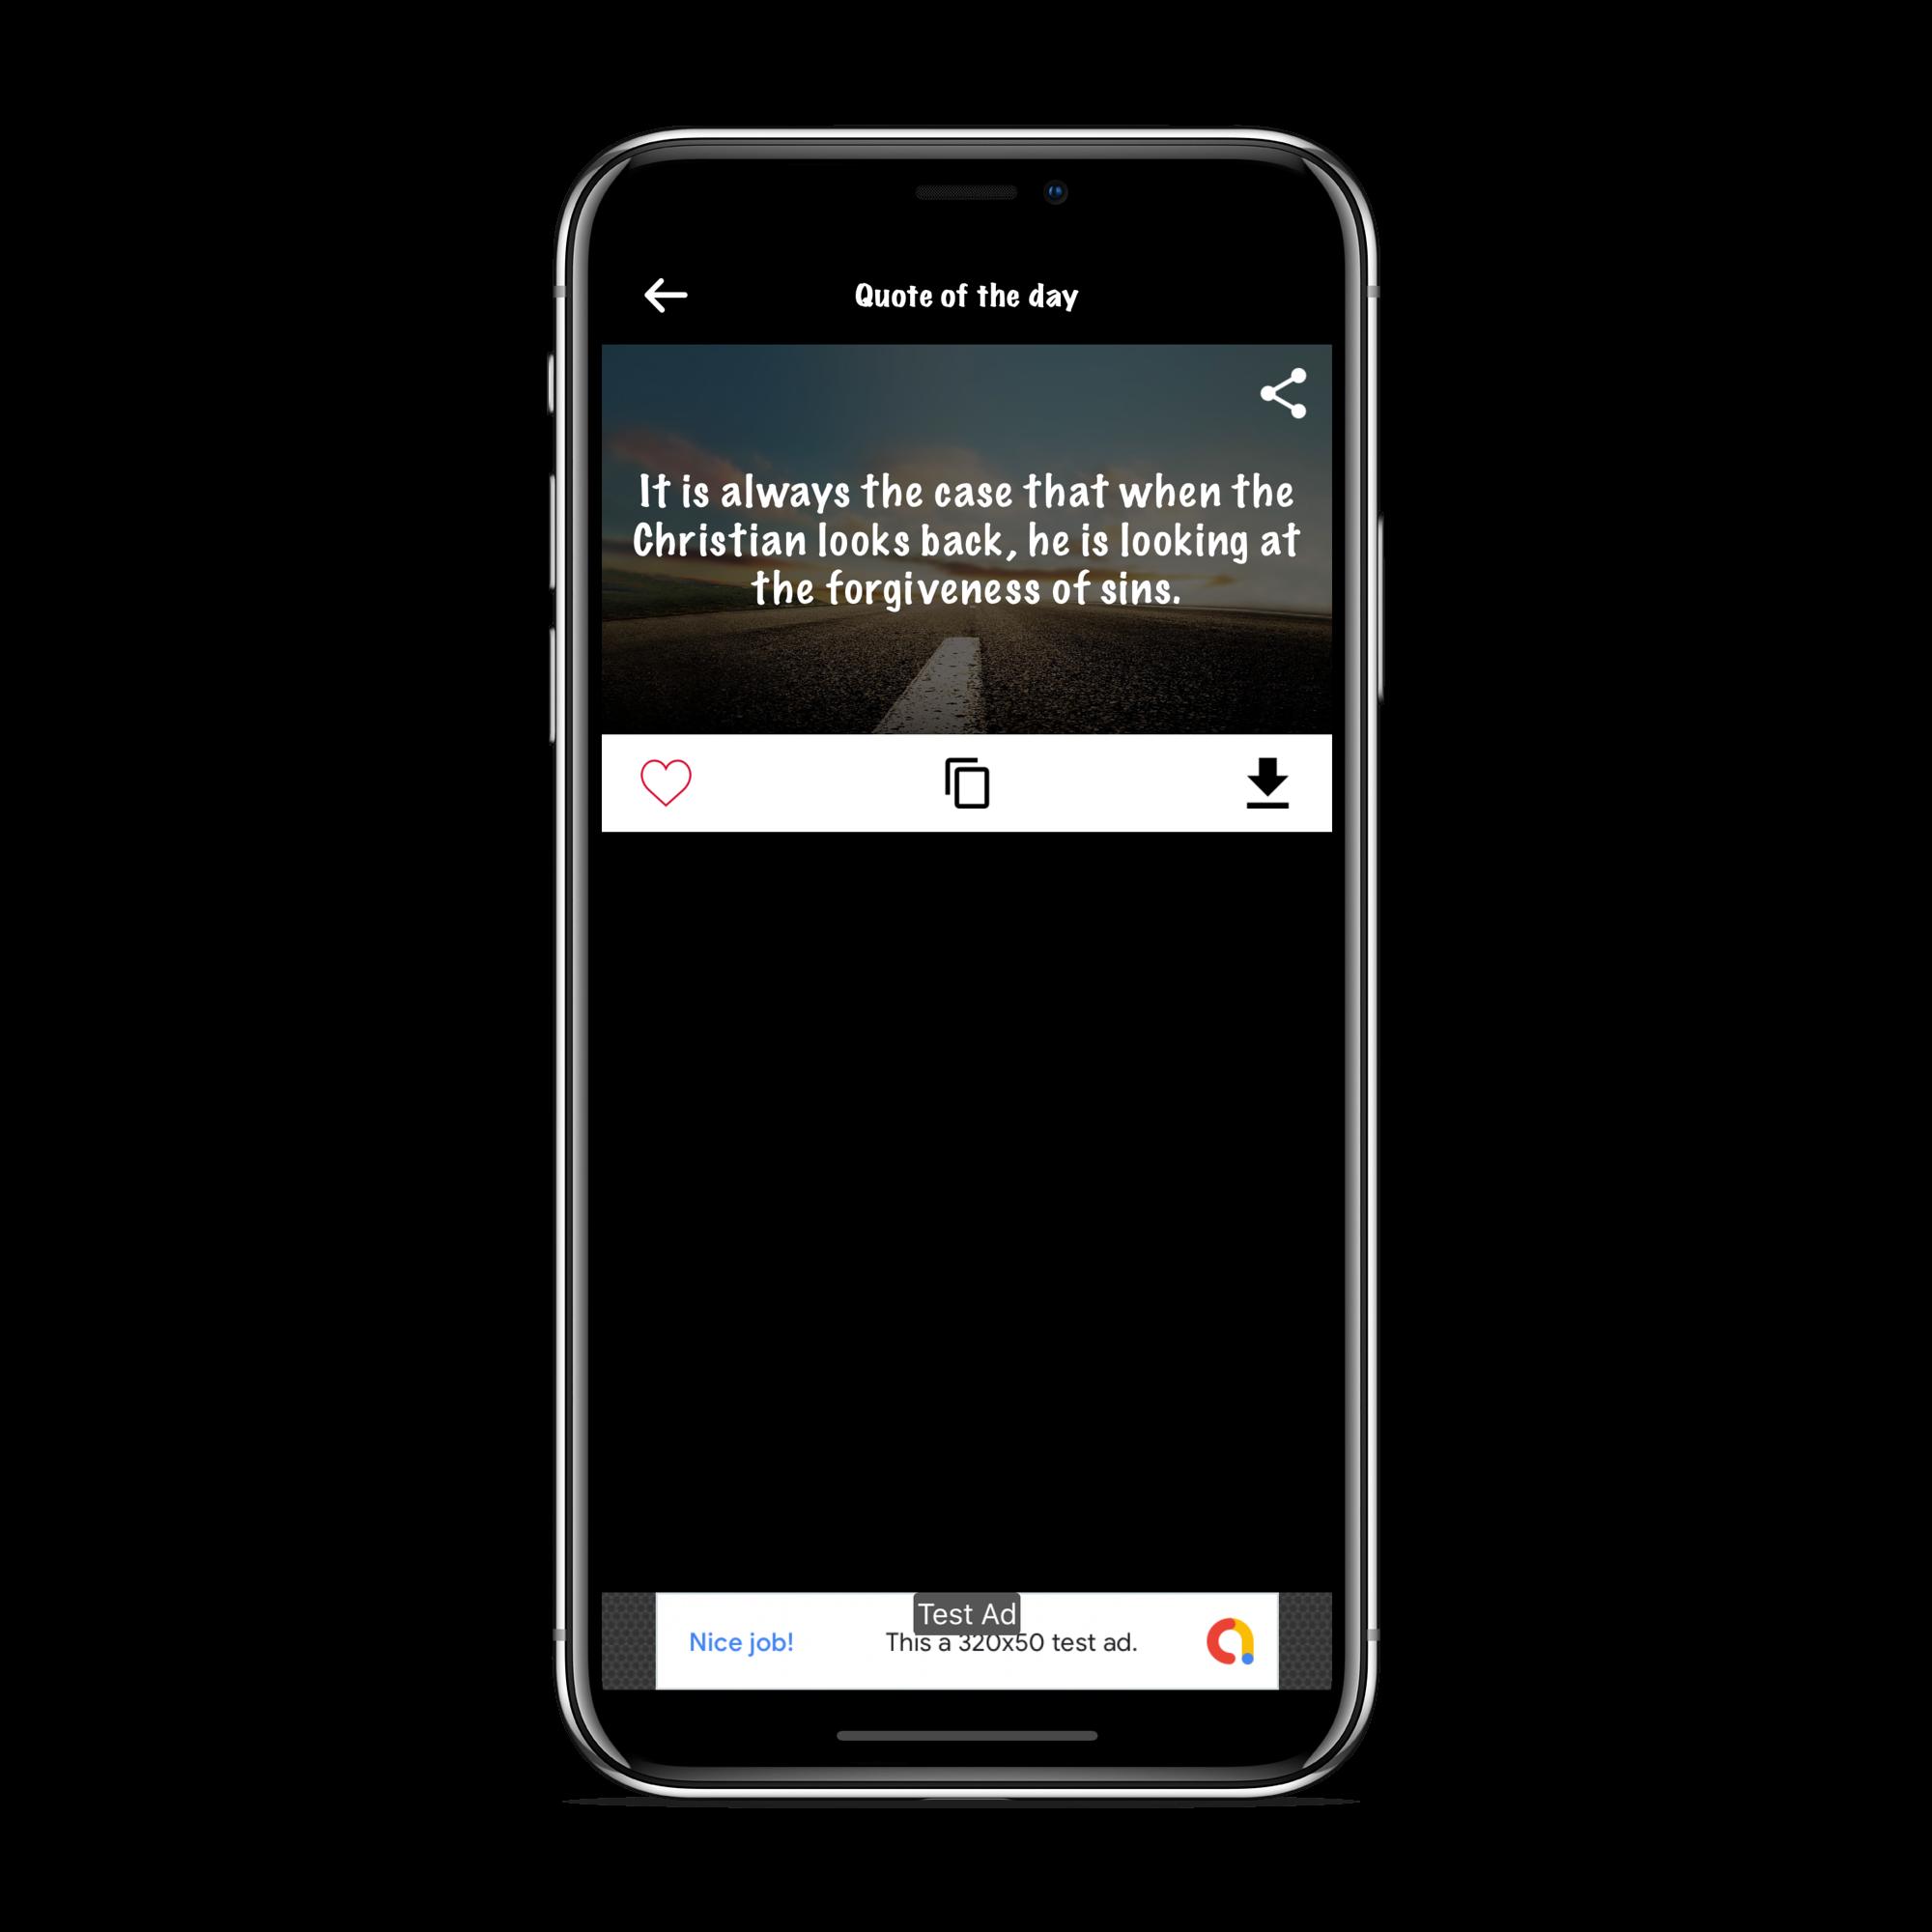 Unique Quotes & Status - iOS App with Admin Panel